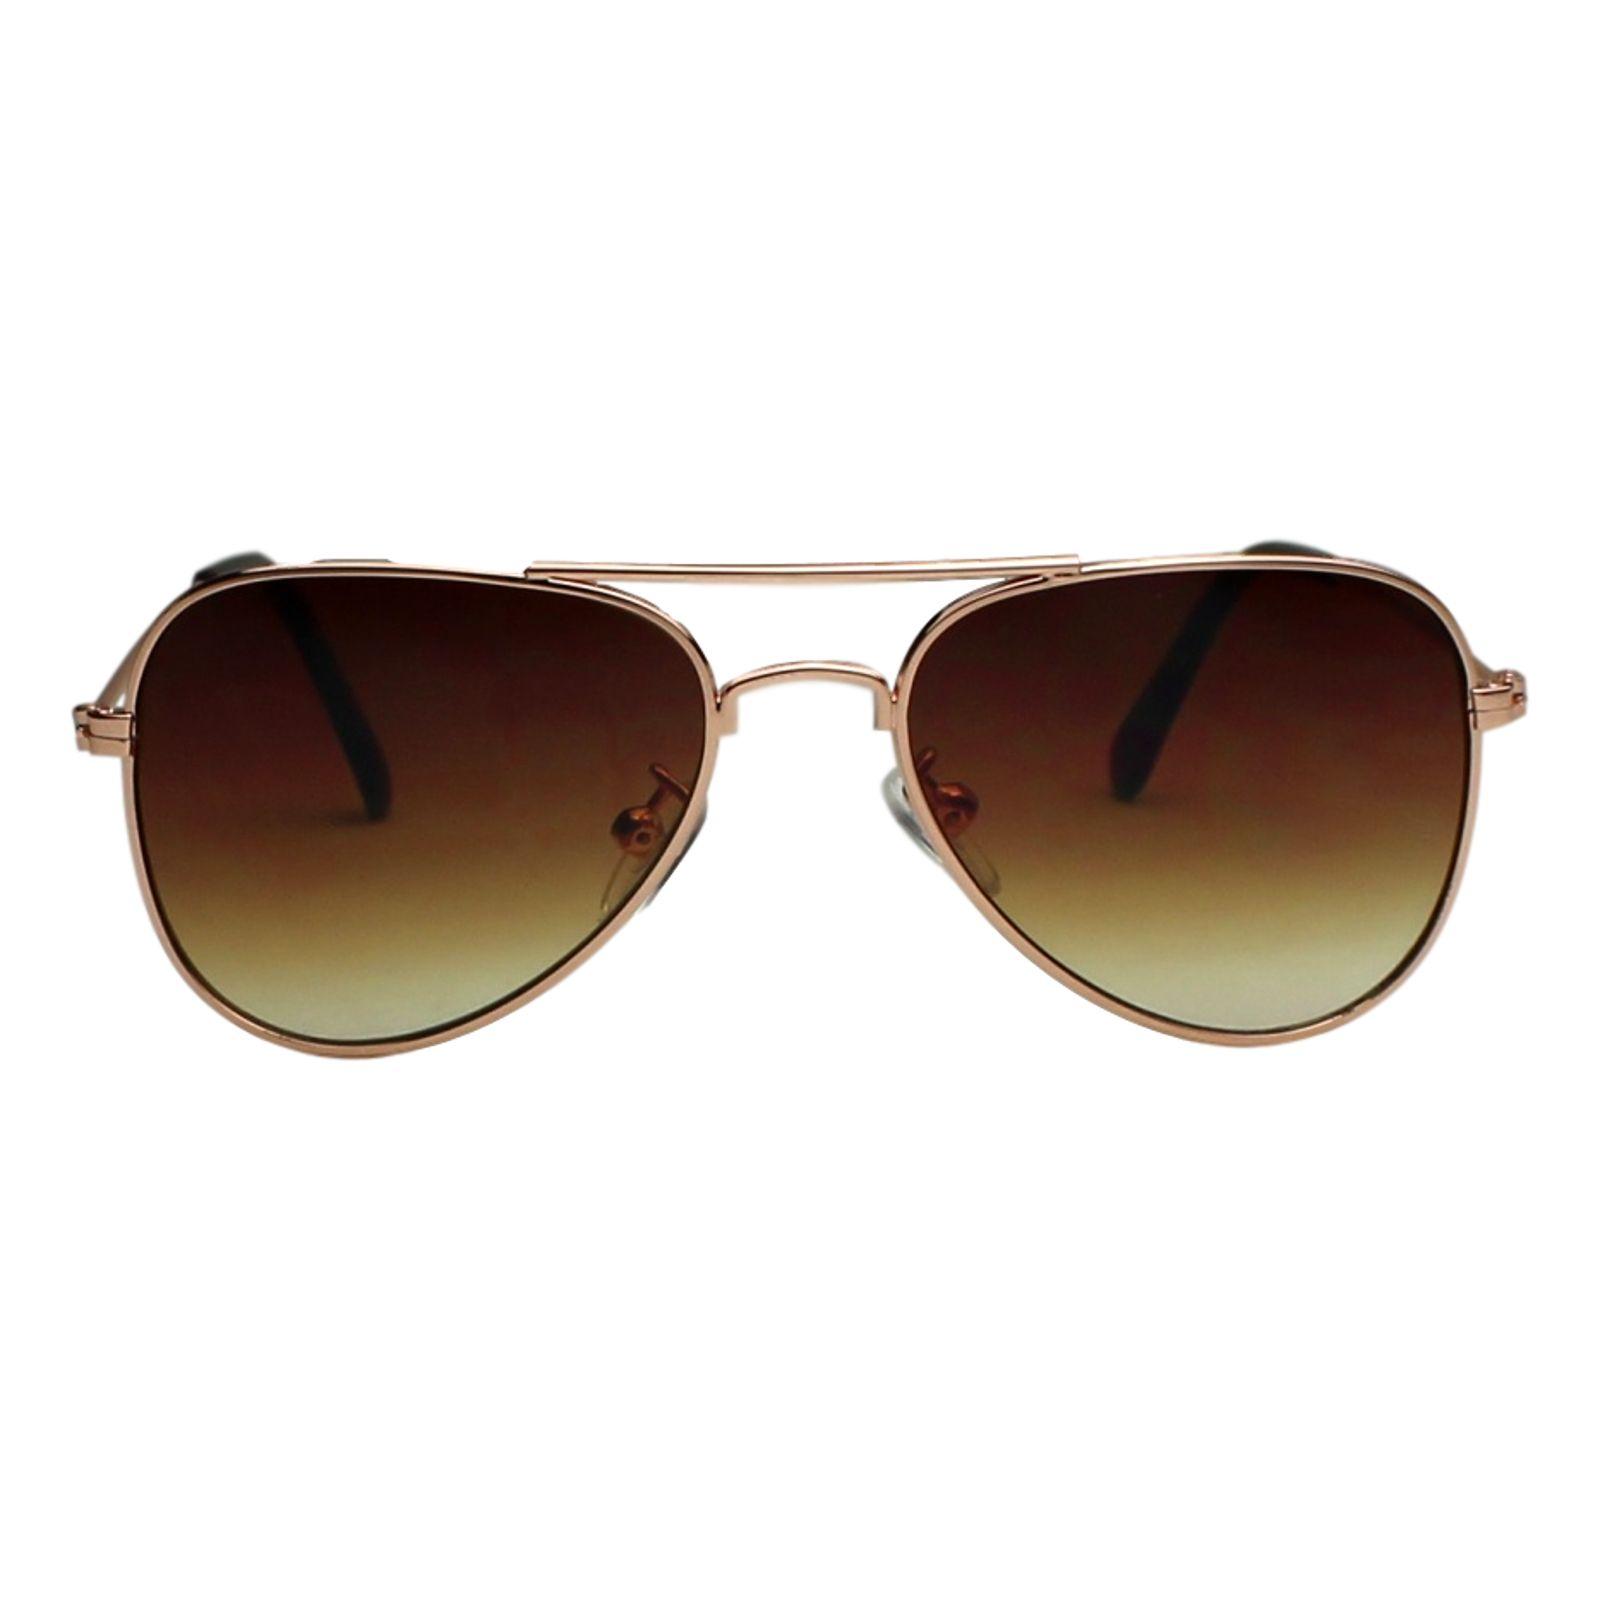 Óculos de Sol Díspar ID1903 infantil Aviador idade 6 a 9 anos Dourado